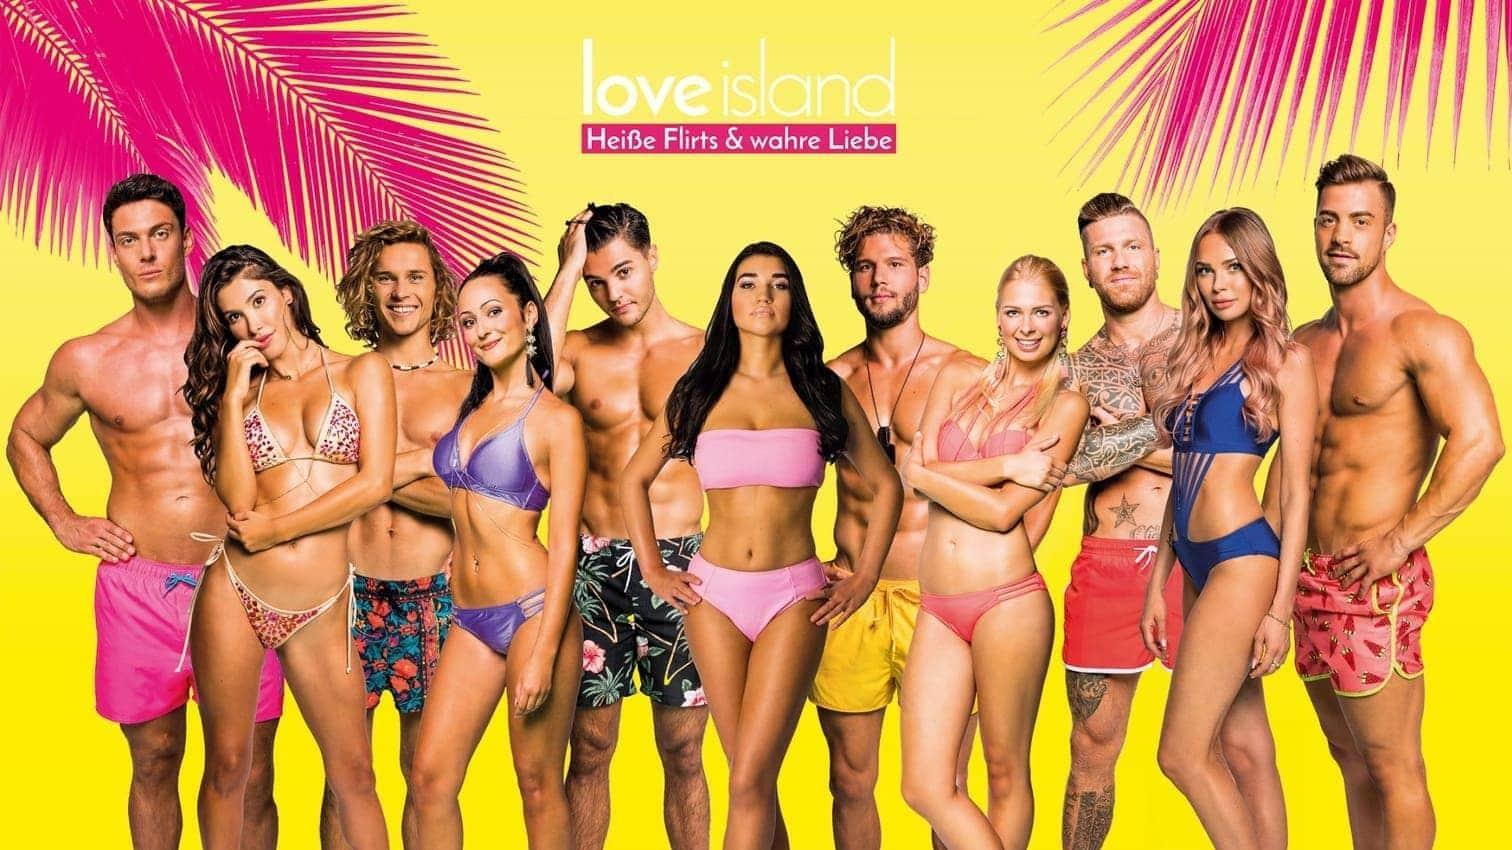 Love Island Deutschland 2021